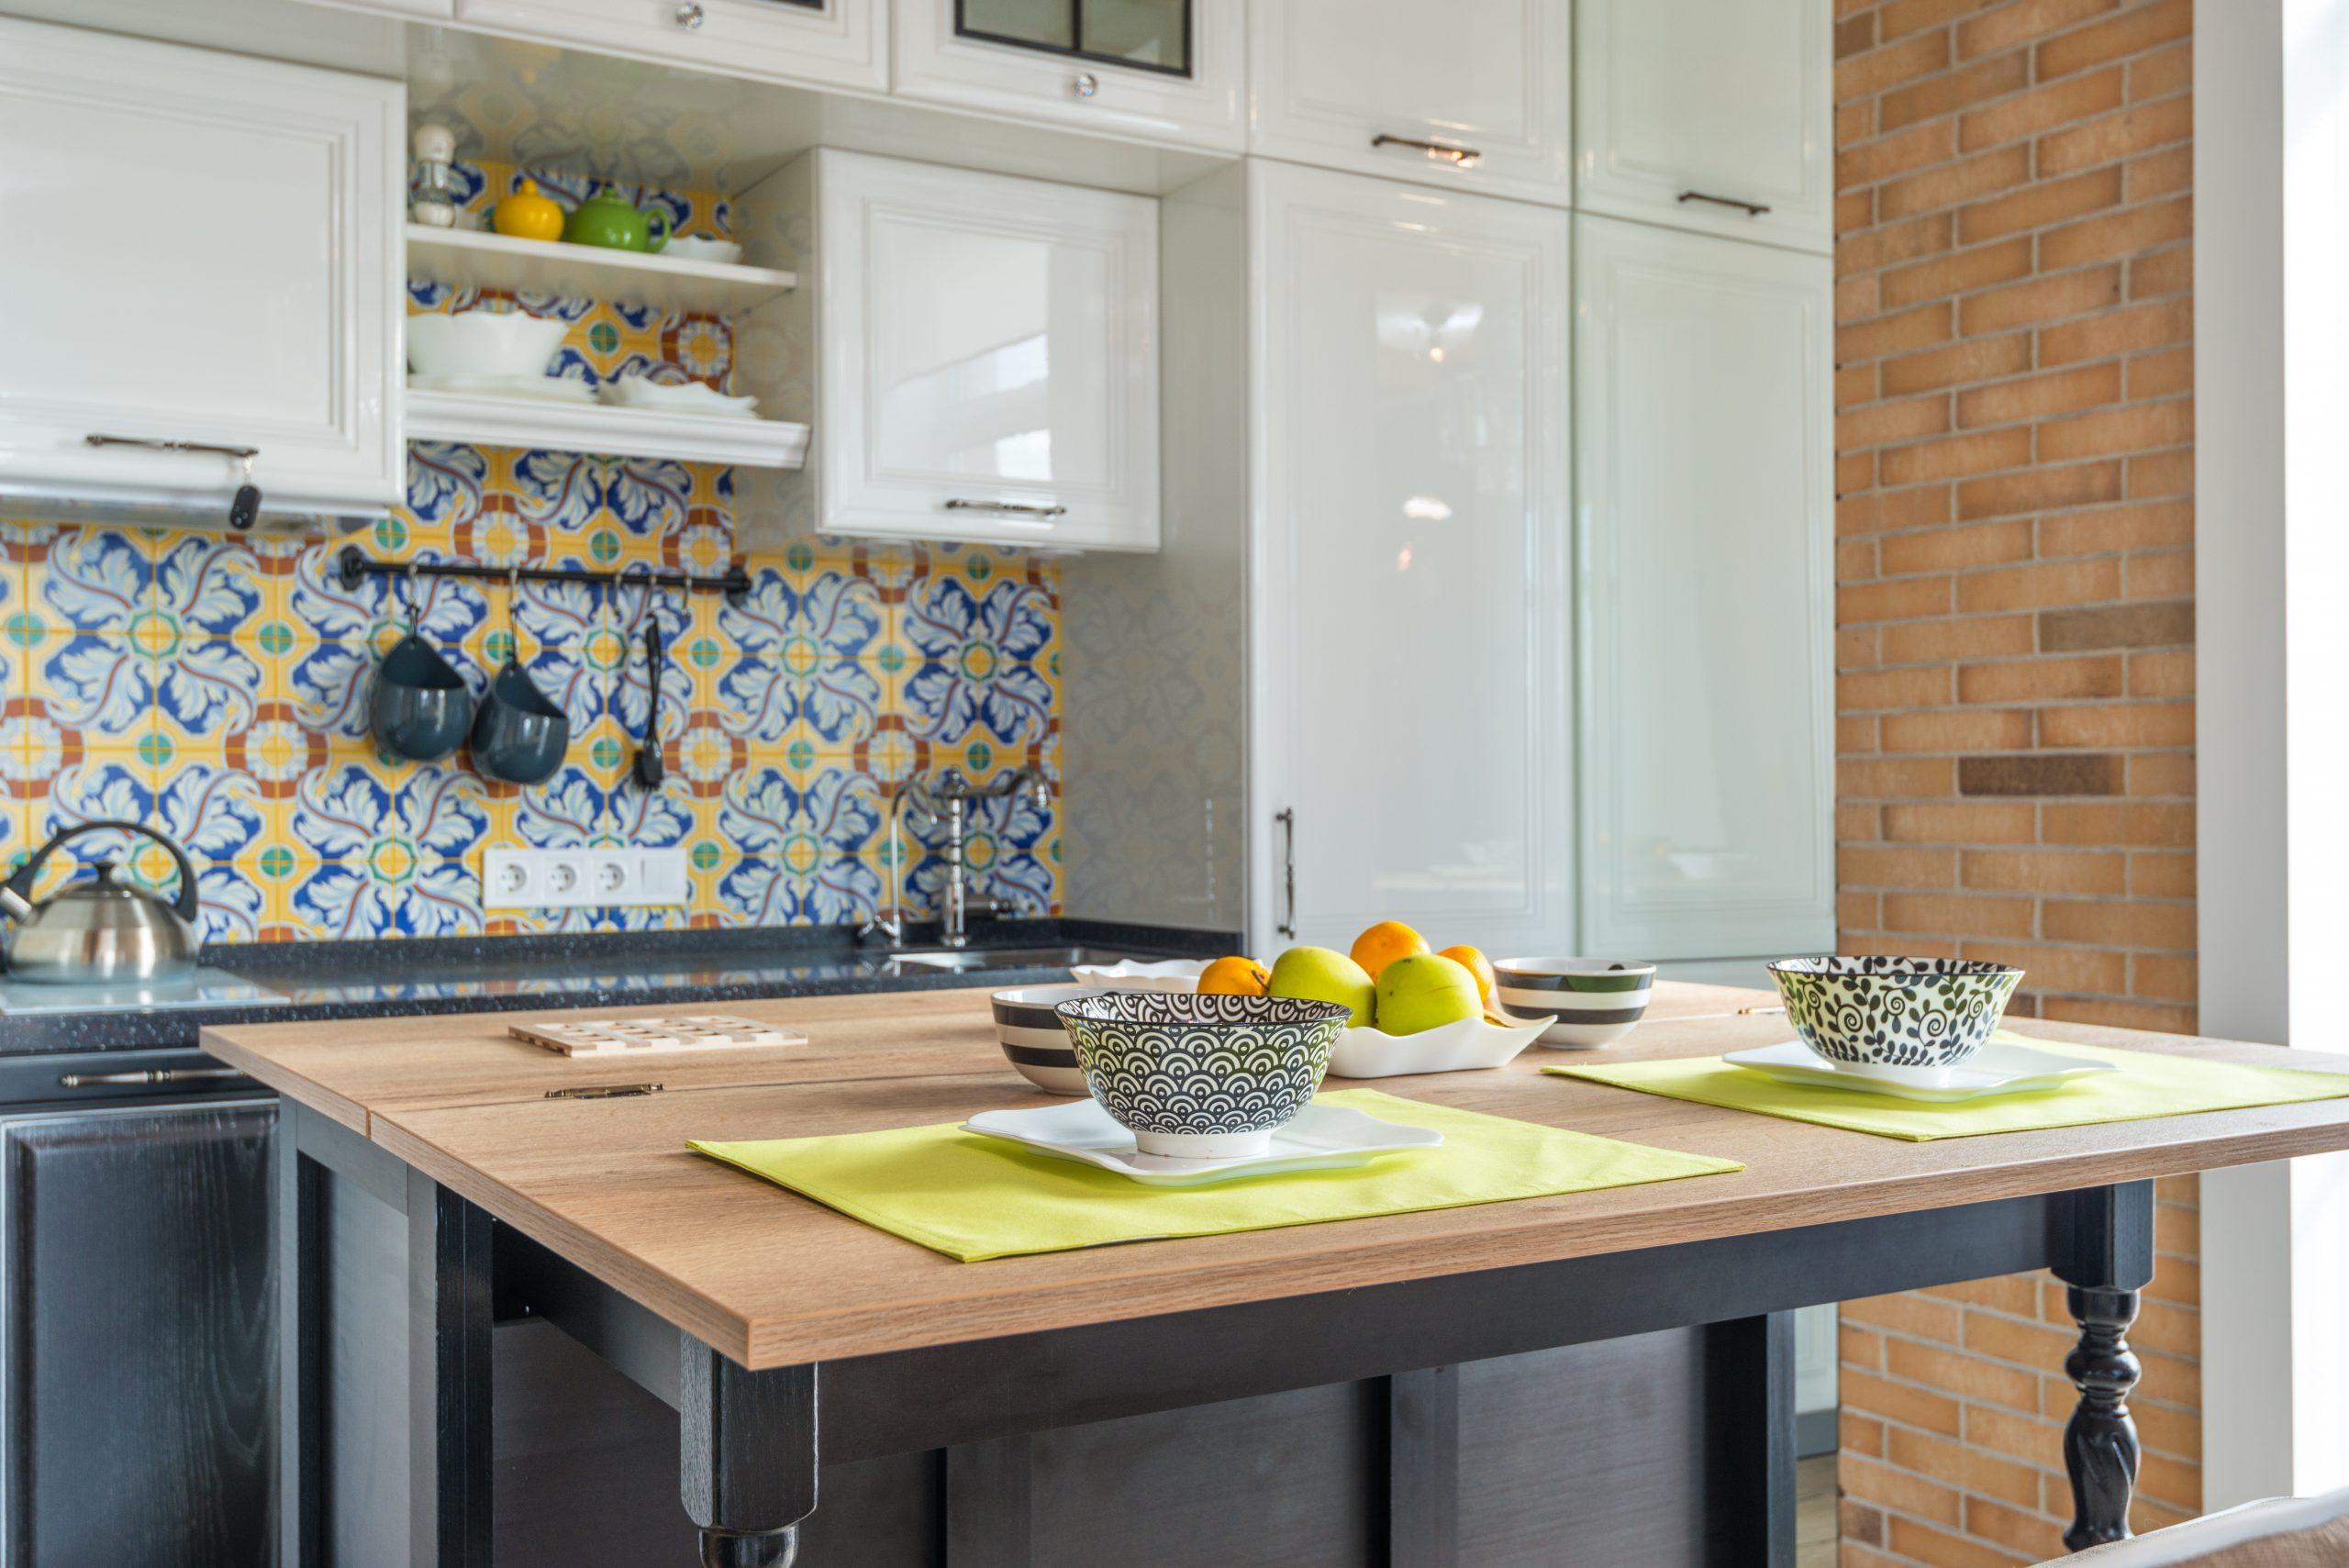 Cocina con vinilos de pared